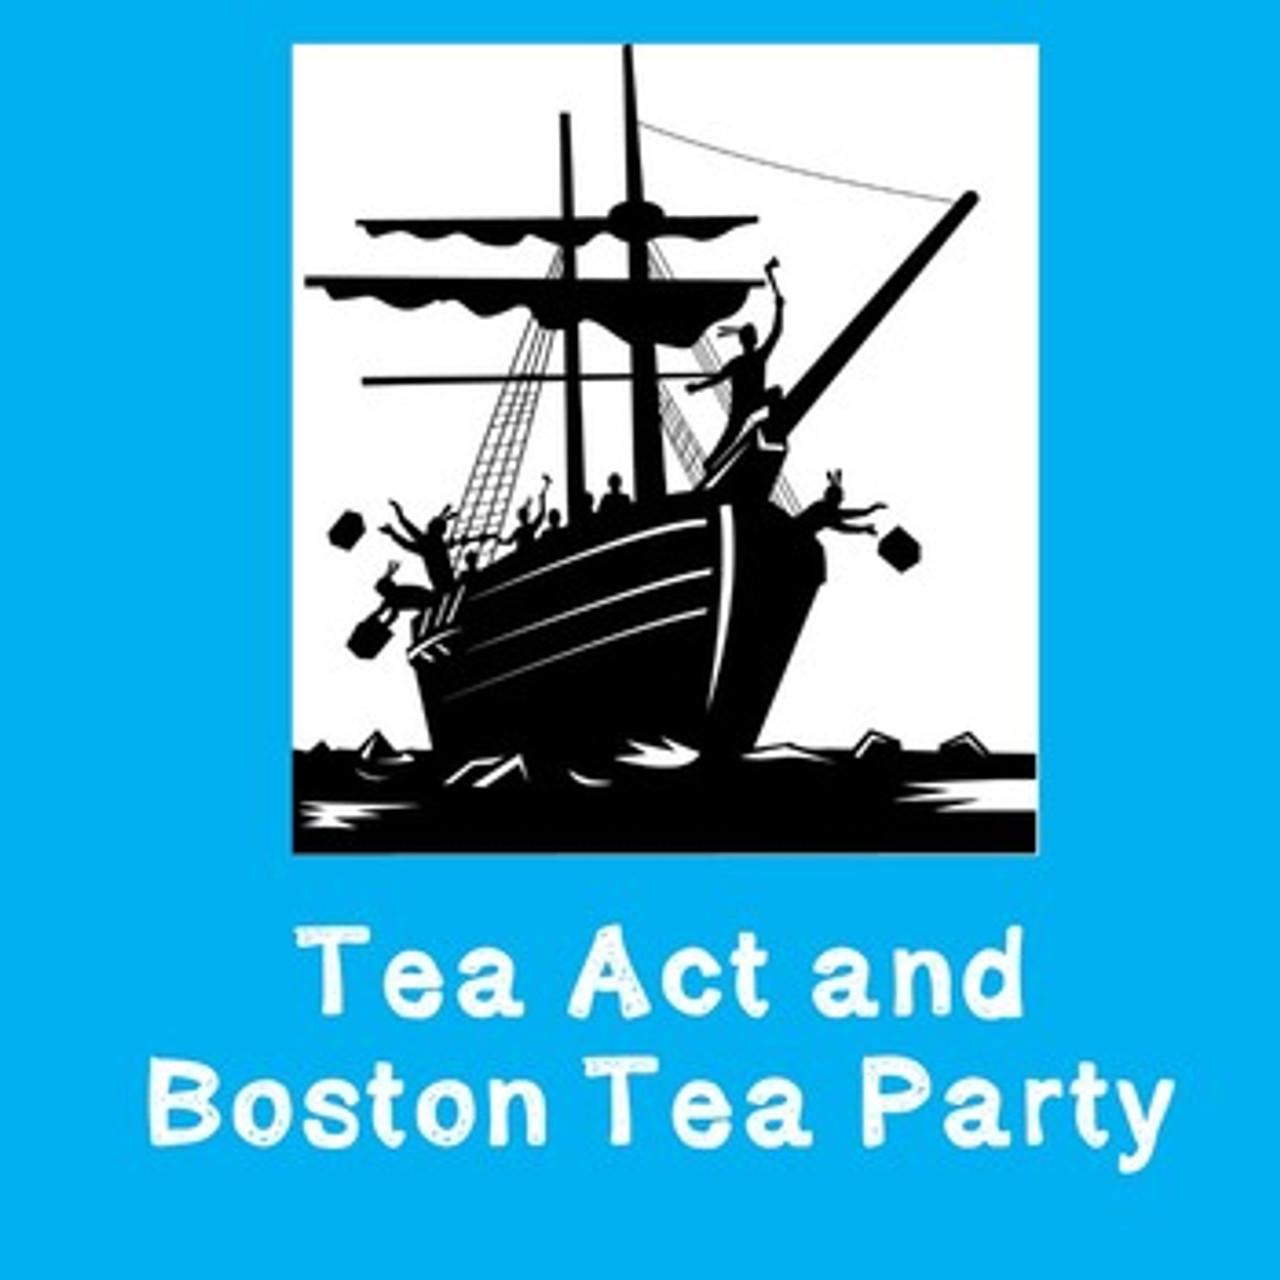 Tea Act and Boston Tea Party